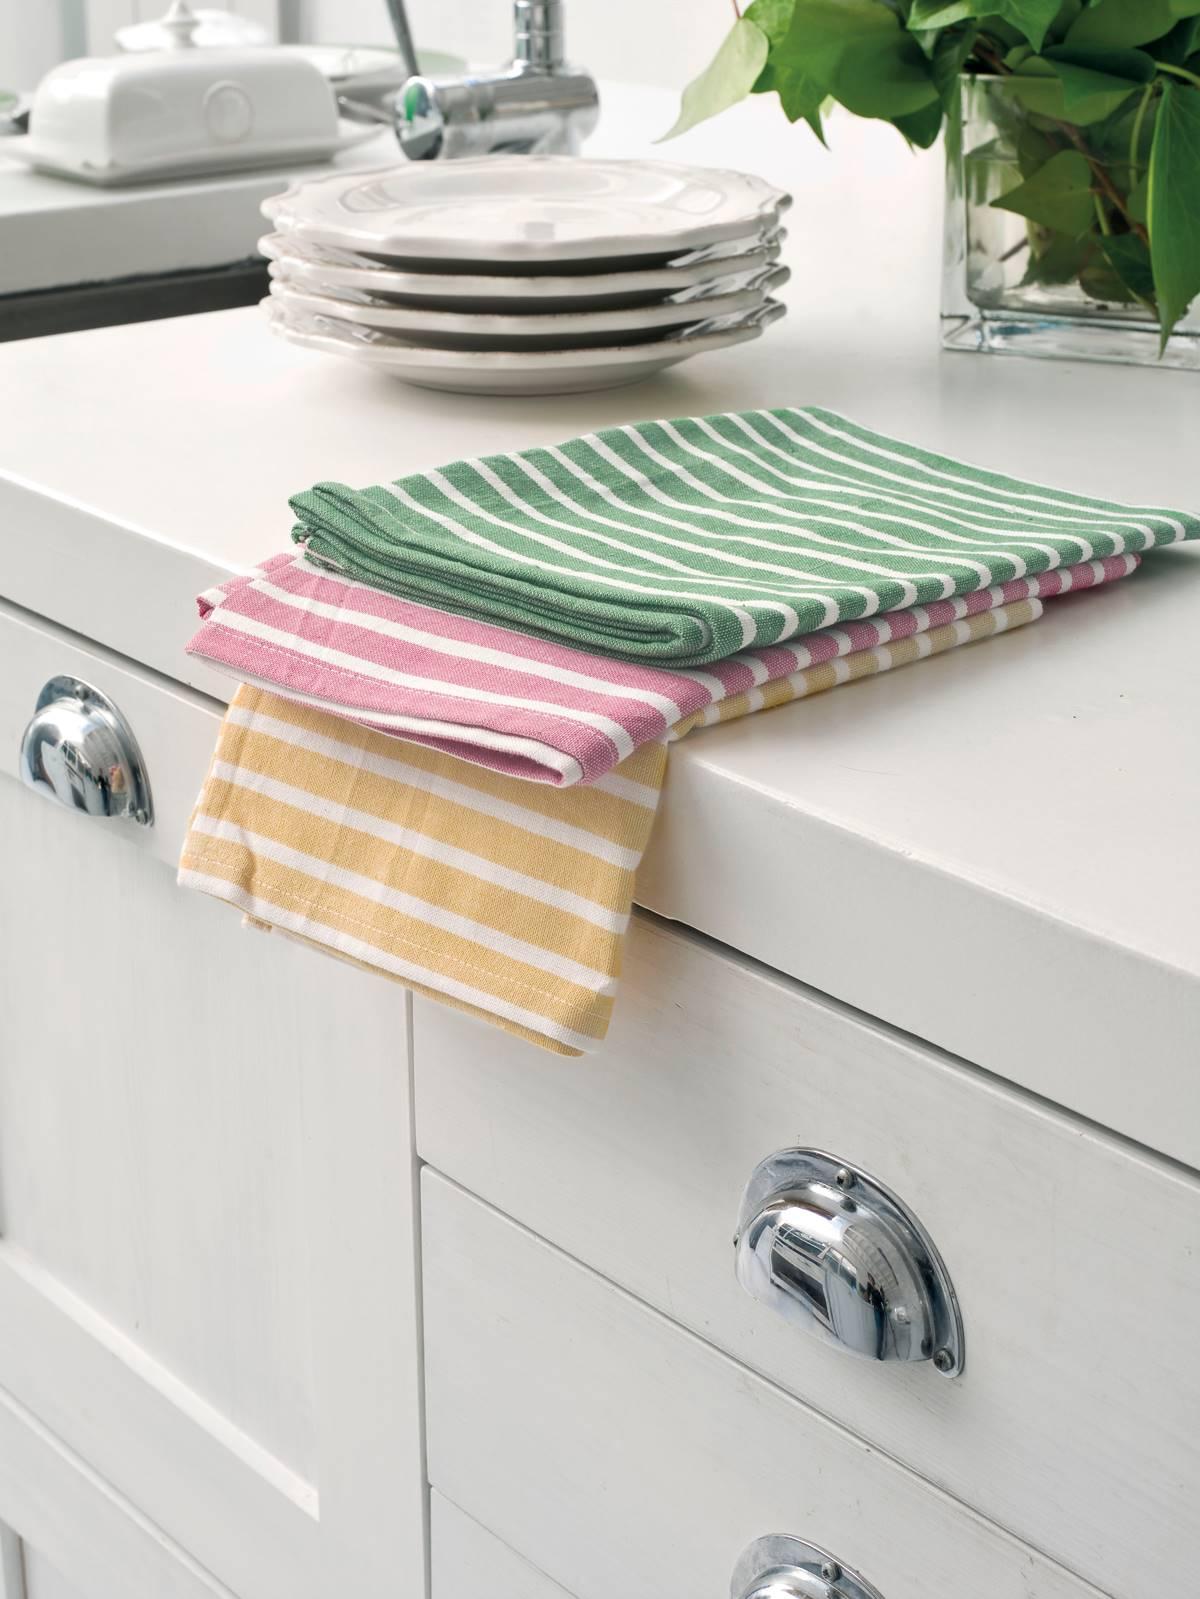 50 trucos de limpieza para la cocina ordenar los trapos 00312781. Trapos y bayetas